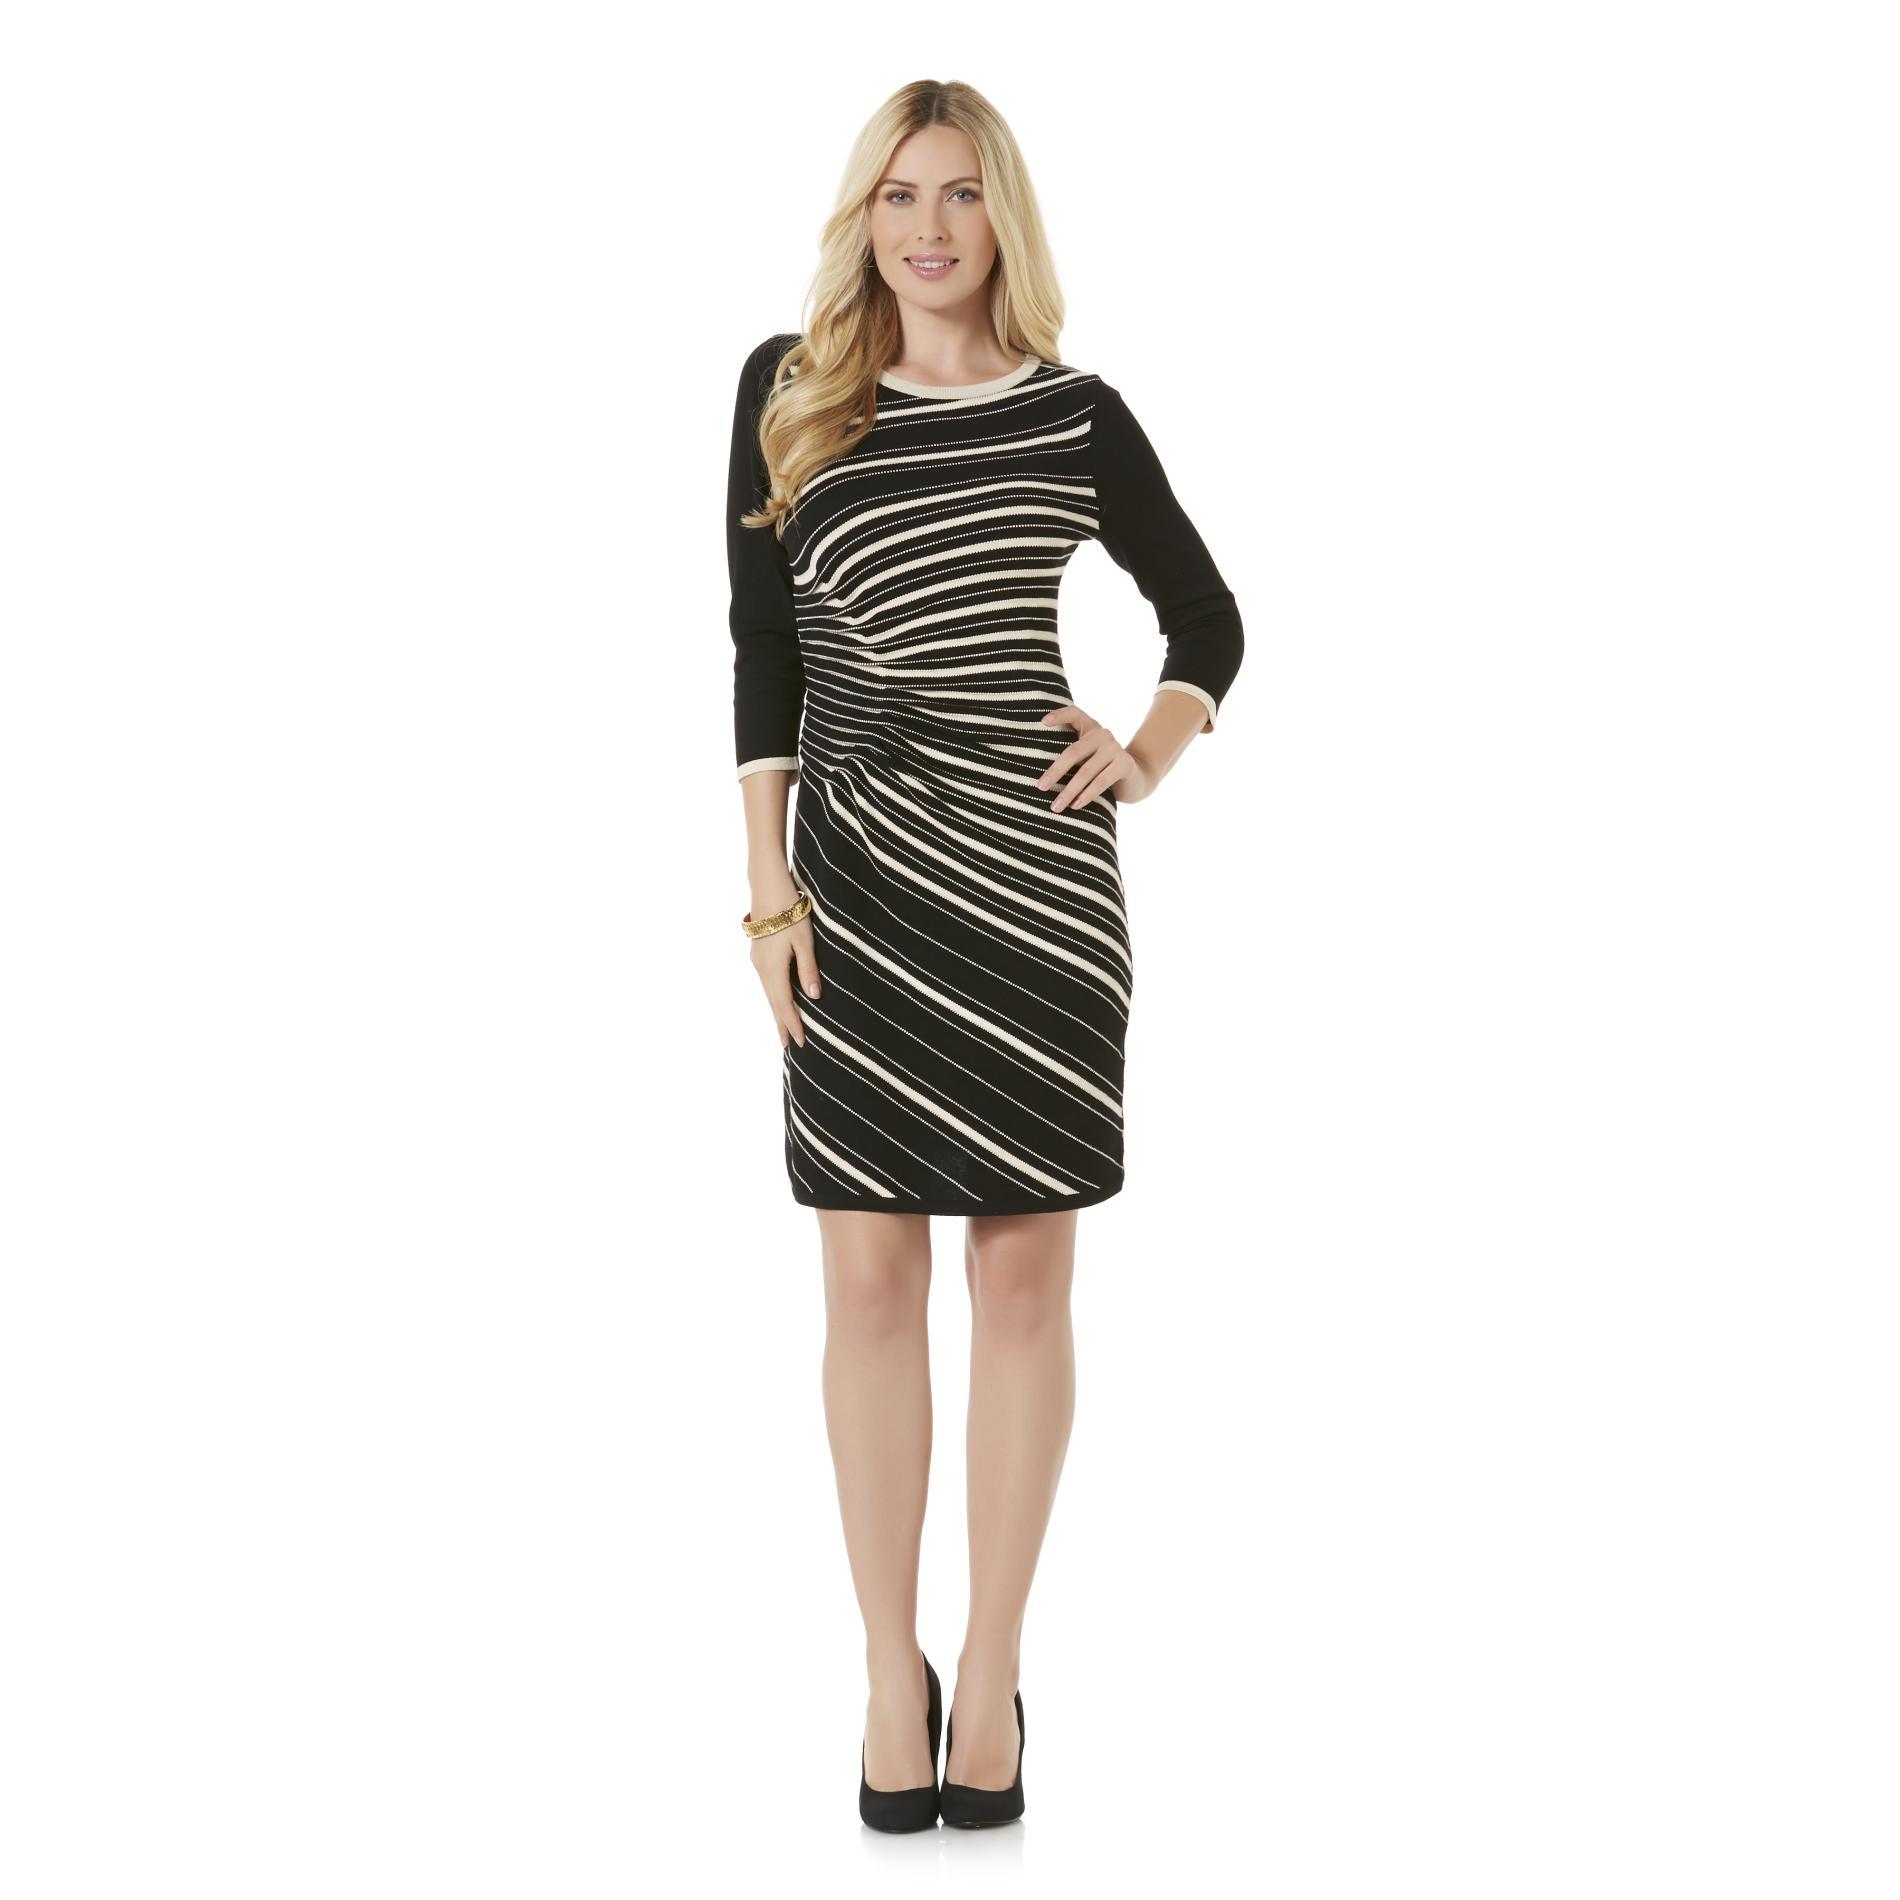 Sears Plus Size Communion Dresses